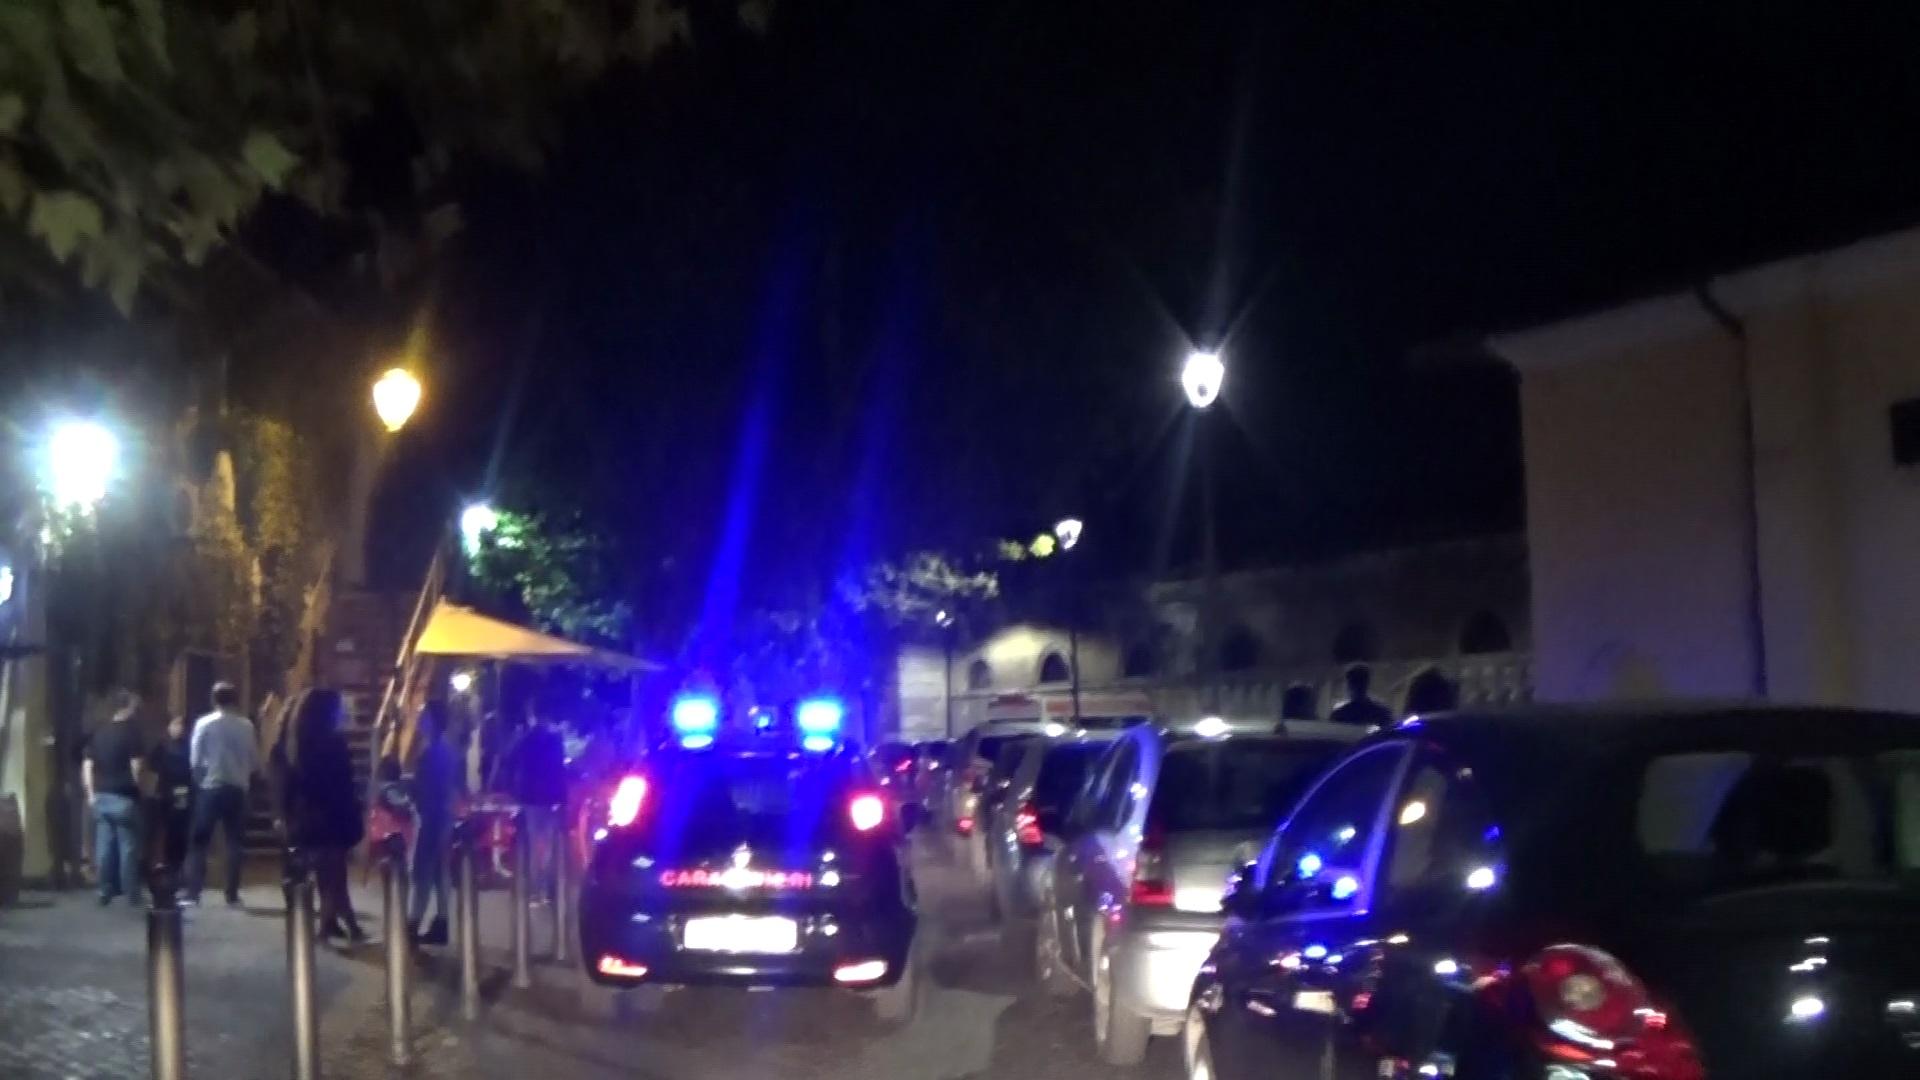 Panico a Santa Marinella: aggredisce brutalmente la compagna in strada